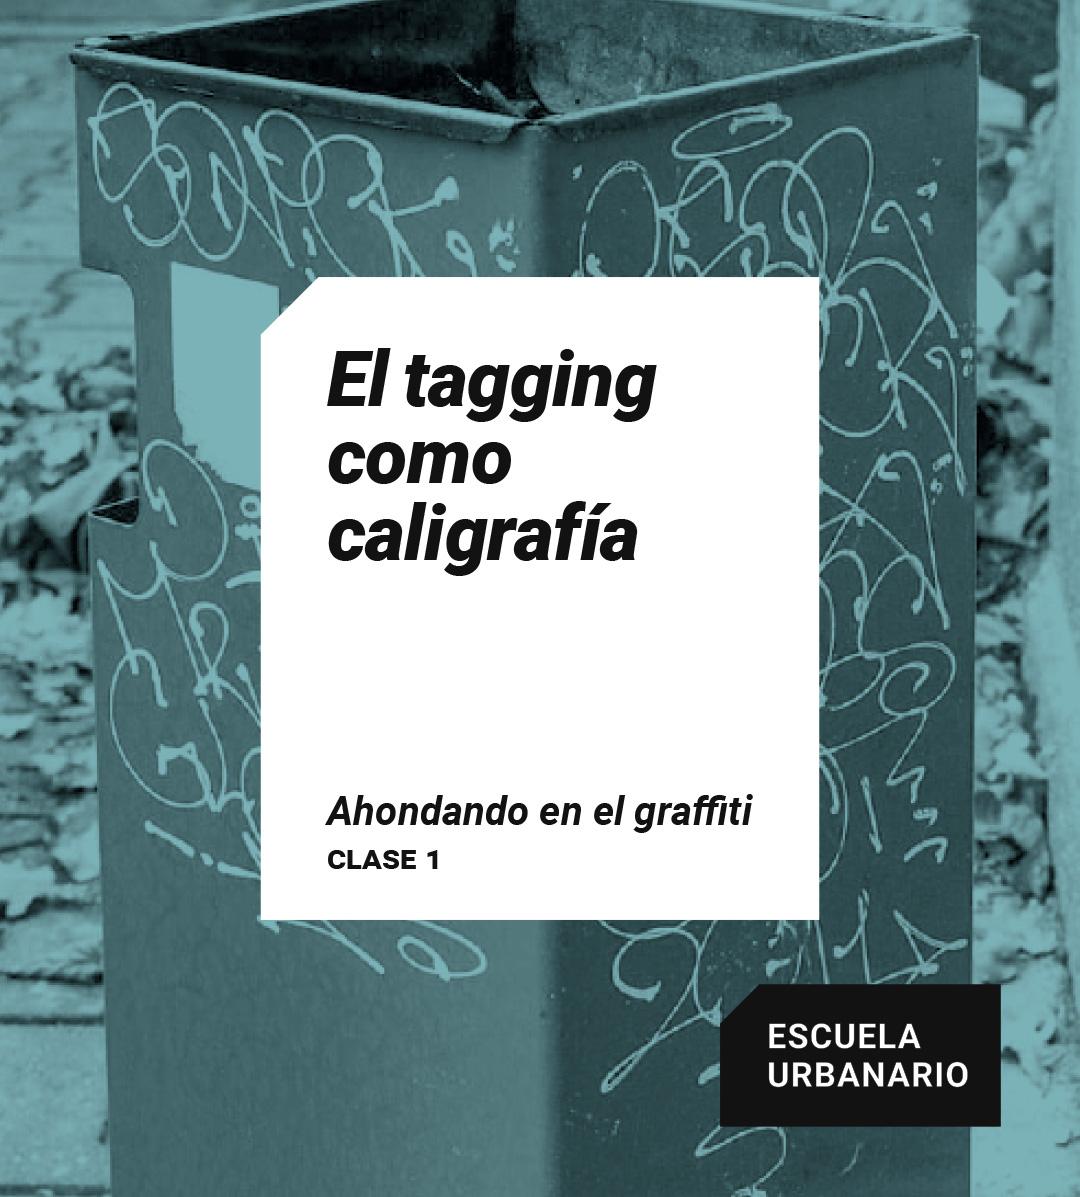 El tagging como caligrafía